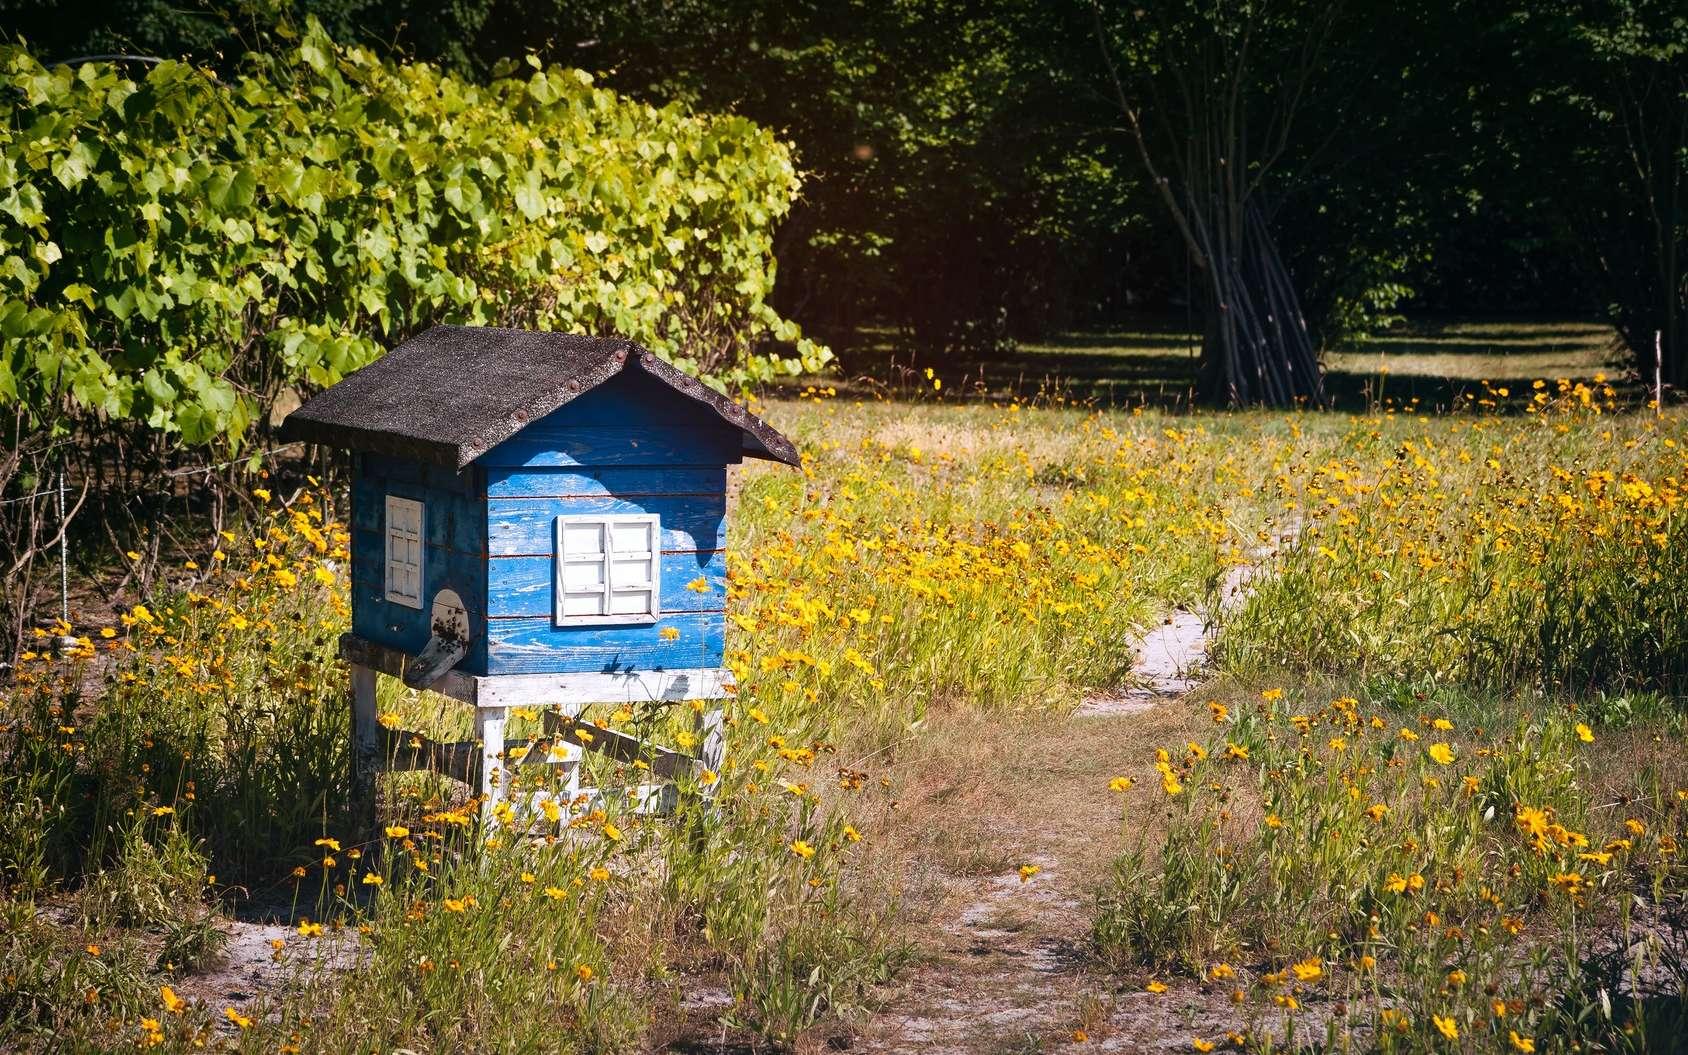 Une ruche dans son jardin, pourquoi pas ? © Plrang Art, Fotolia